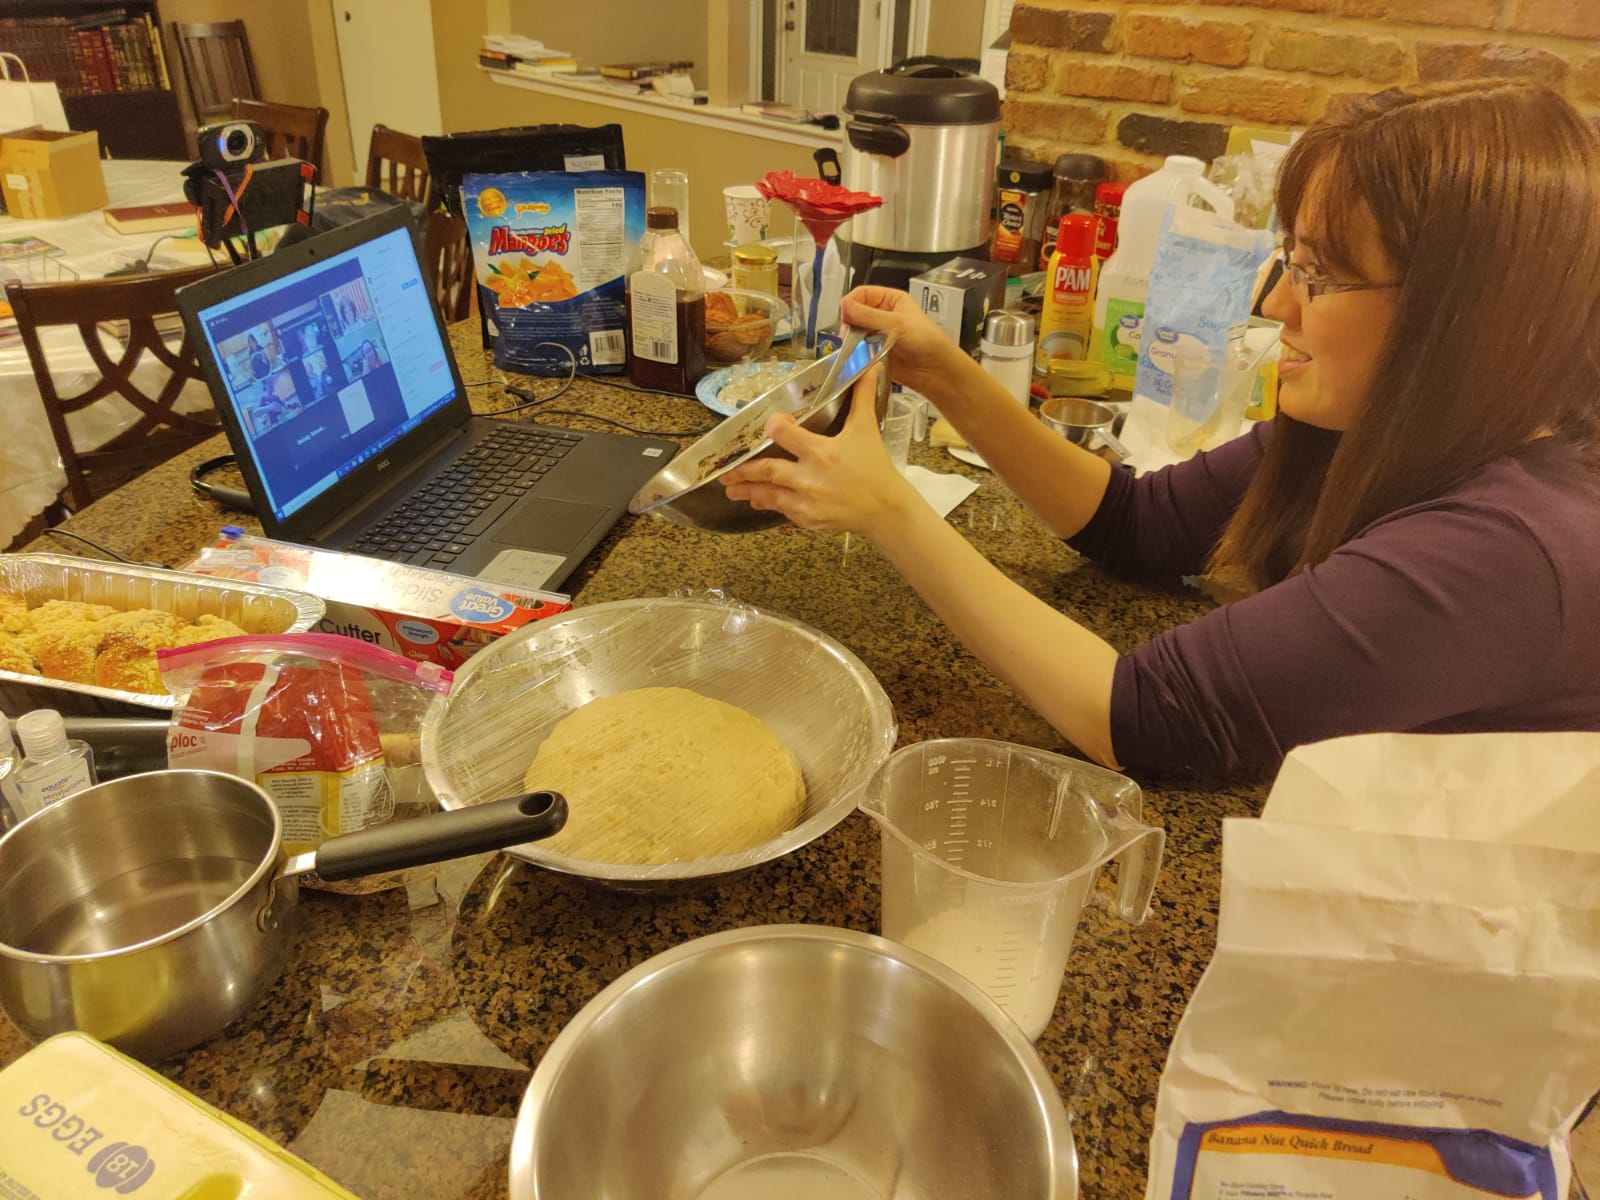 Babka_Bake2-Baking.jpeg